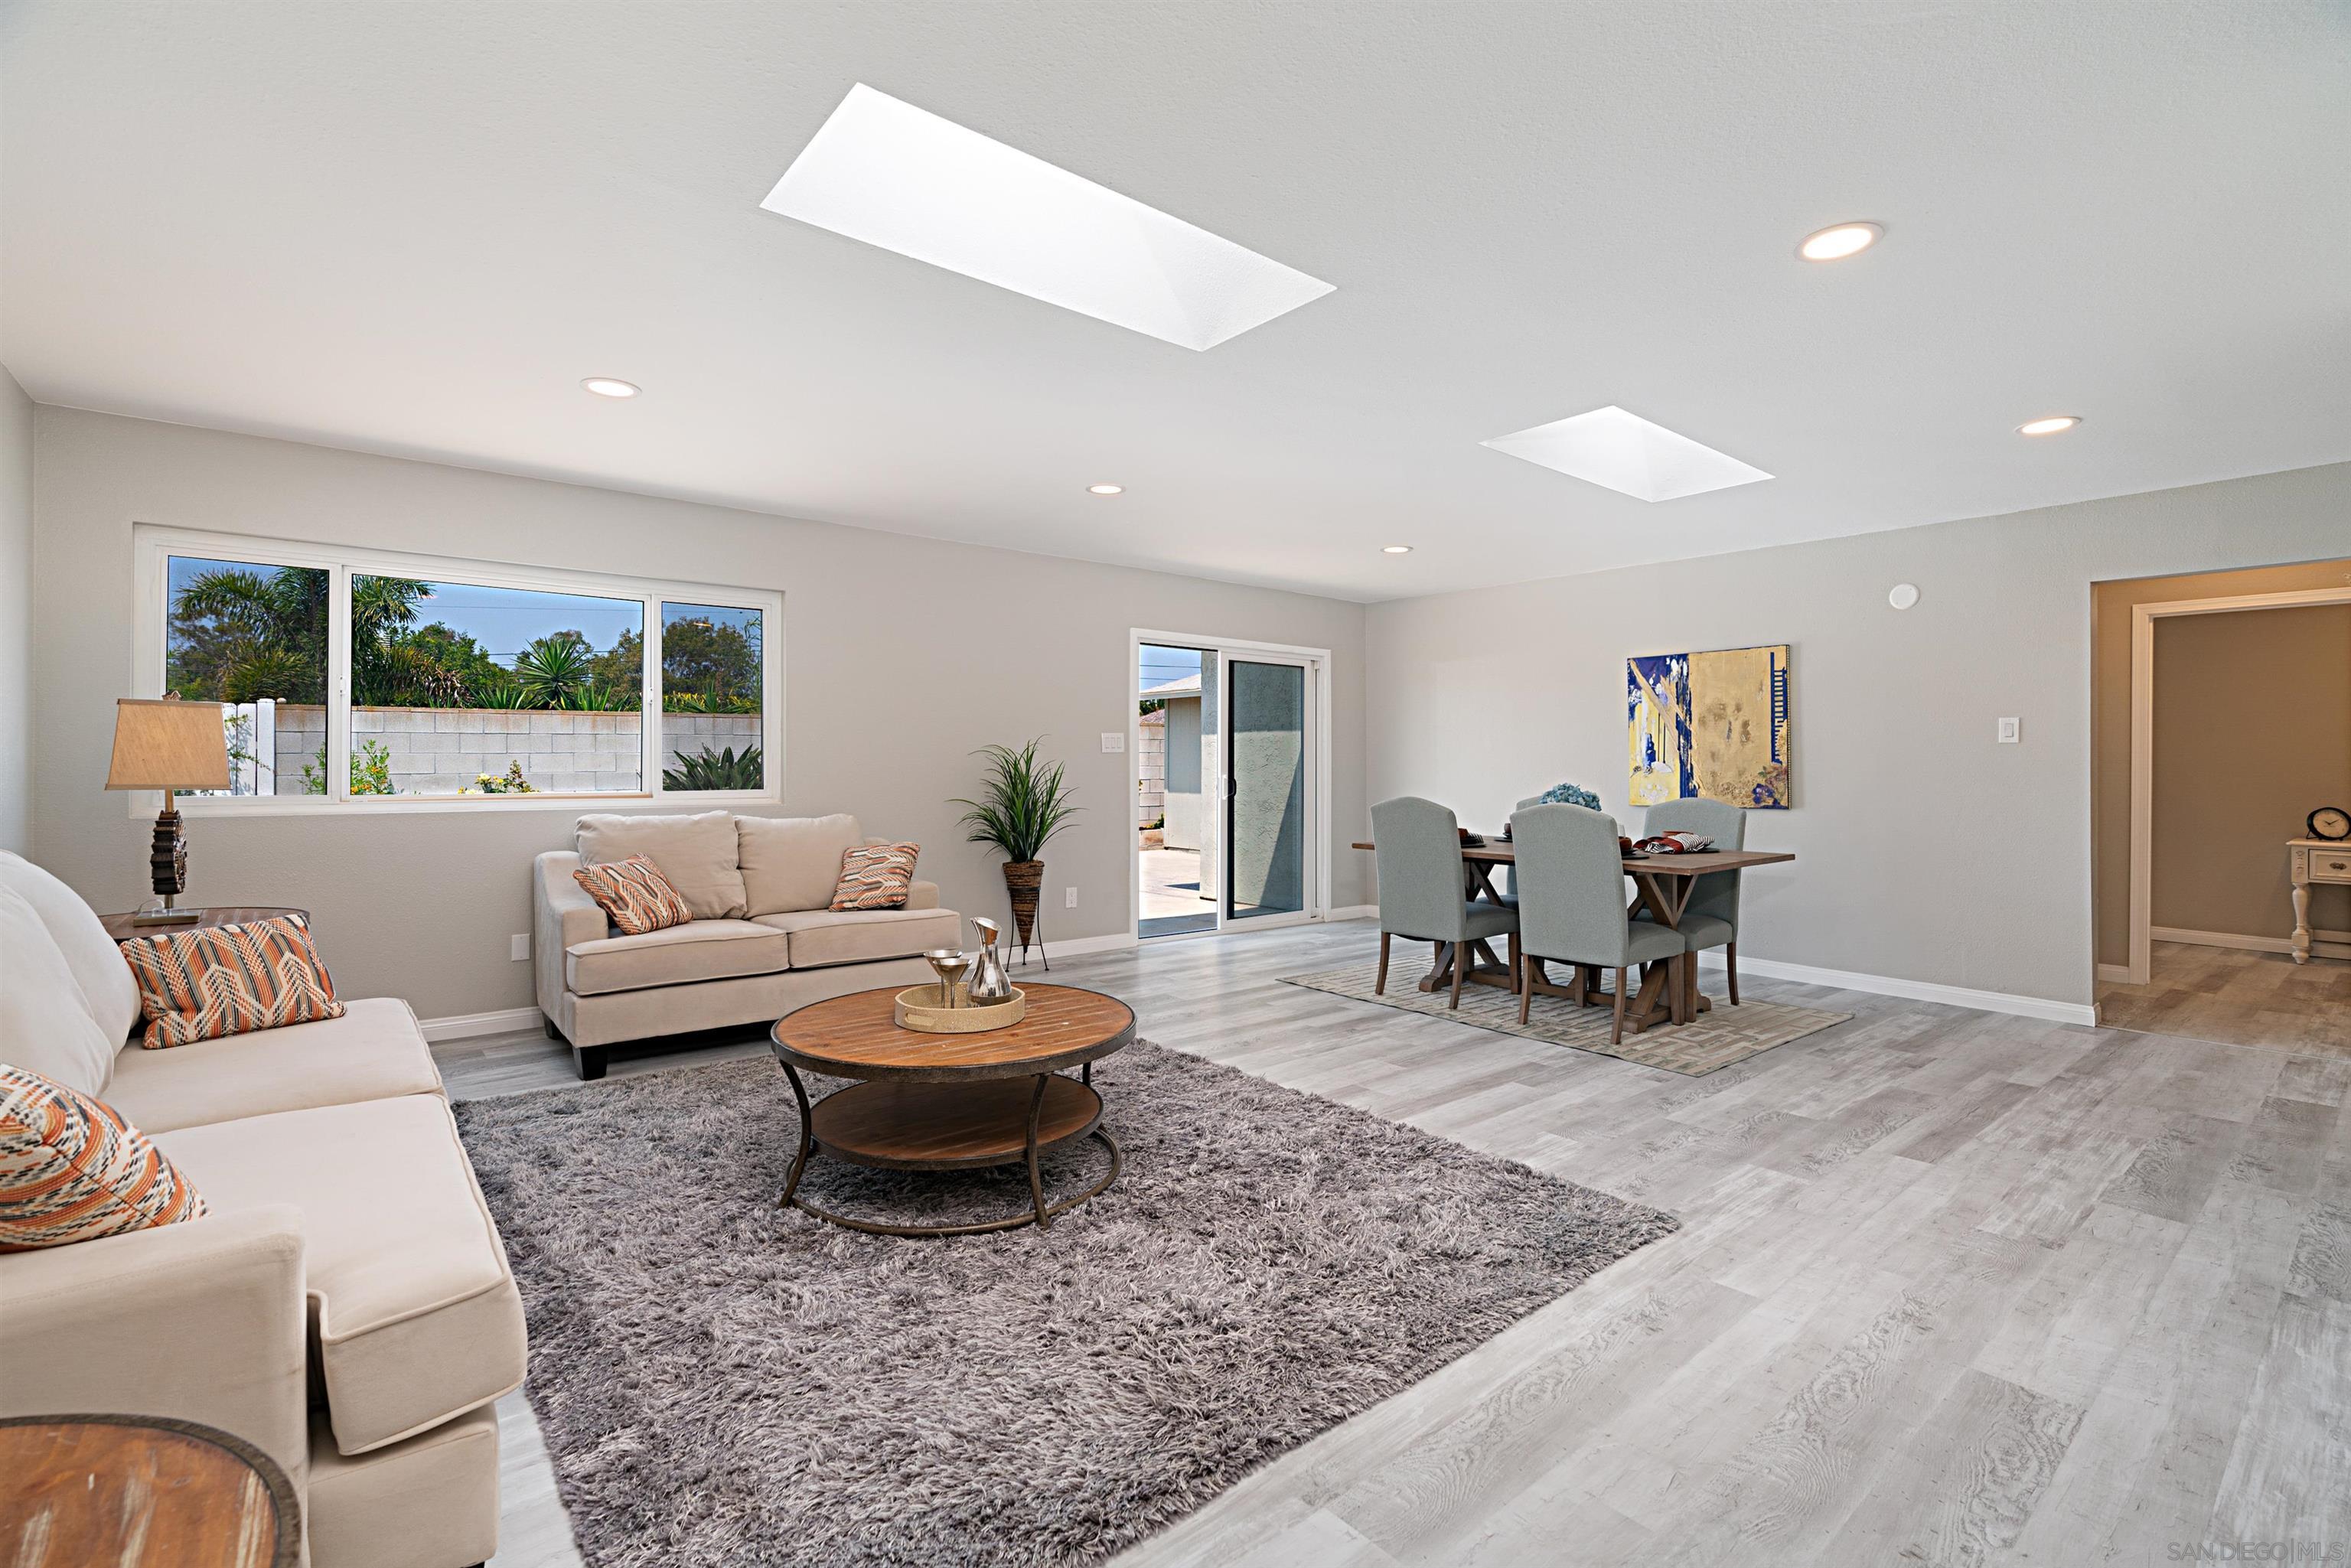 9130 Irvington Ave, San Diego, CA 92123